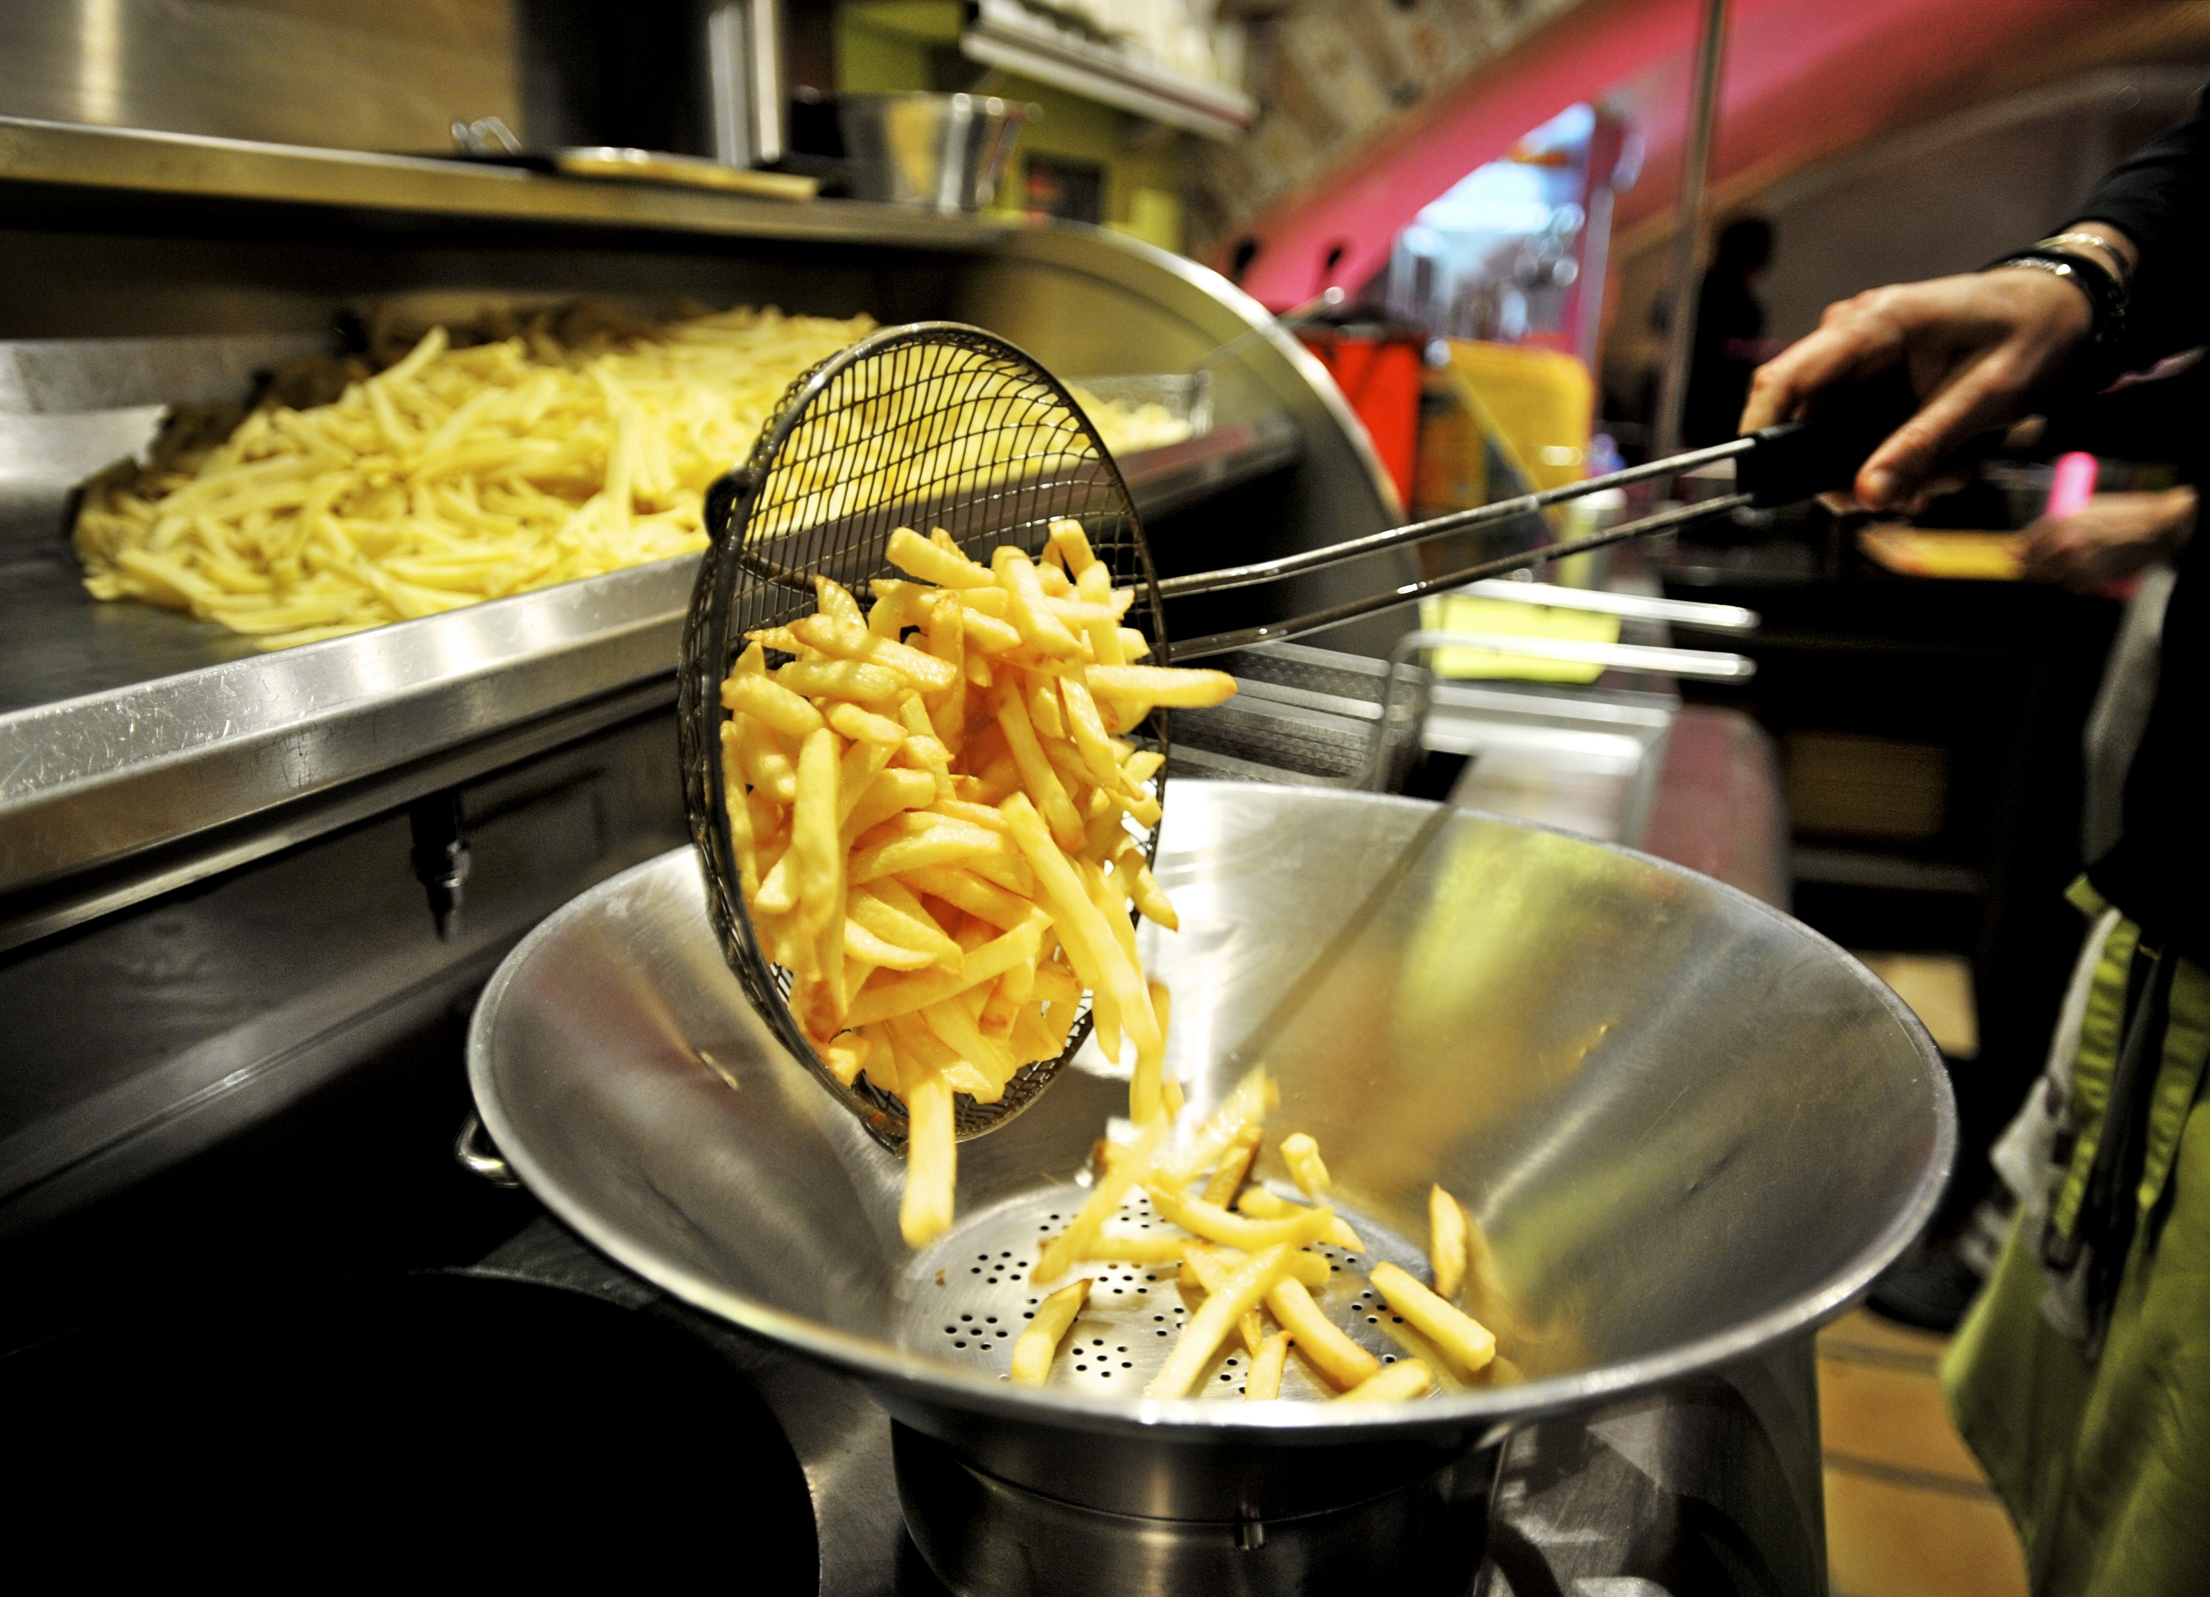 """Результат пошуку зображень за запитом """"музей картошки фри в Брюсселе"""""""